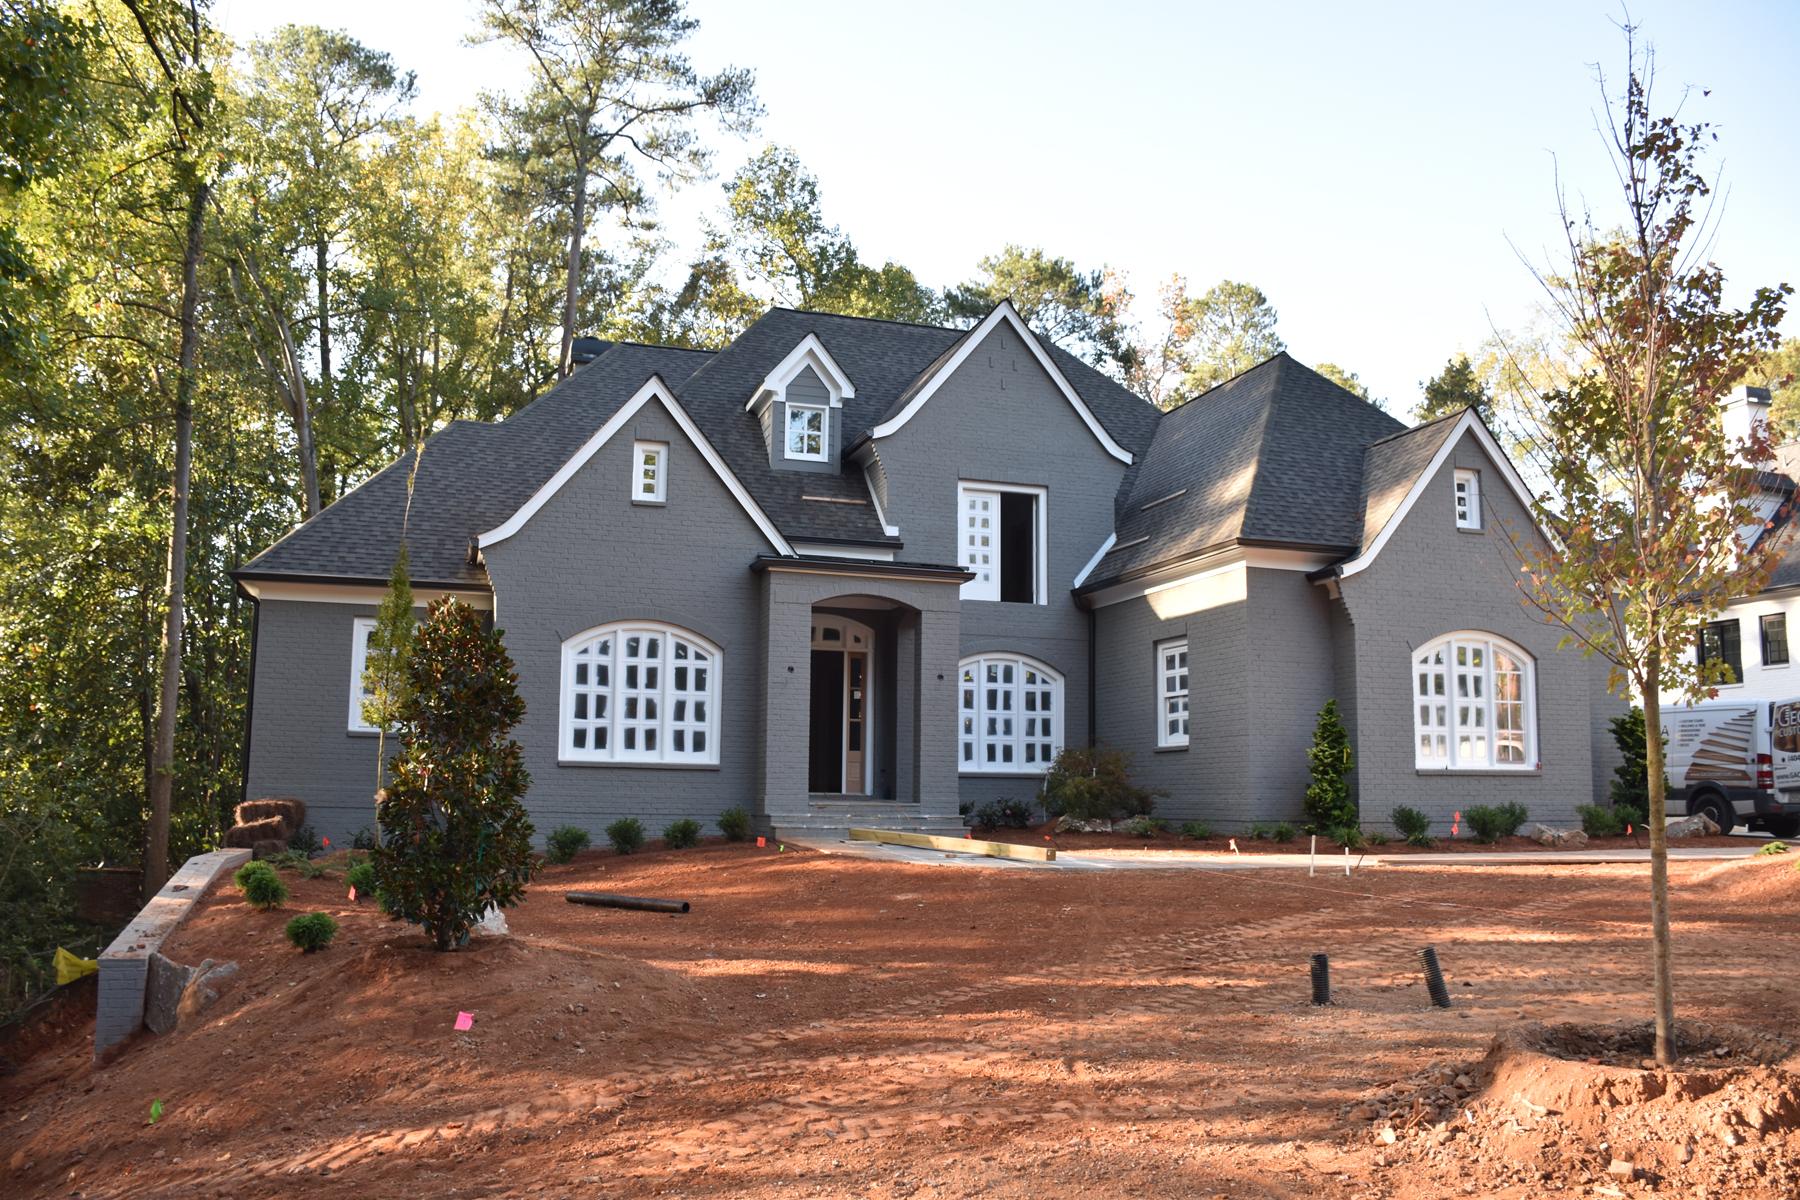 Casa Unifamiliar por un Venta en Buckhead New Construction Home 1240 Peachtree Battle Avenue NW Buckhead, Atlanta, Georgia, 30327 Estados Unidos